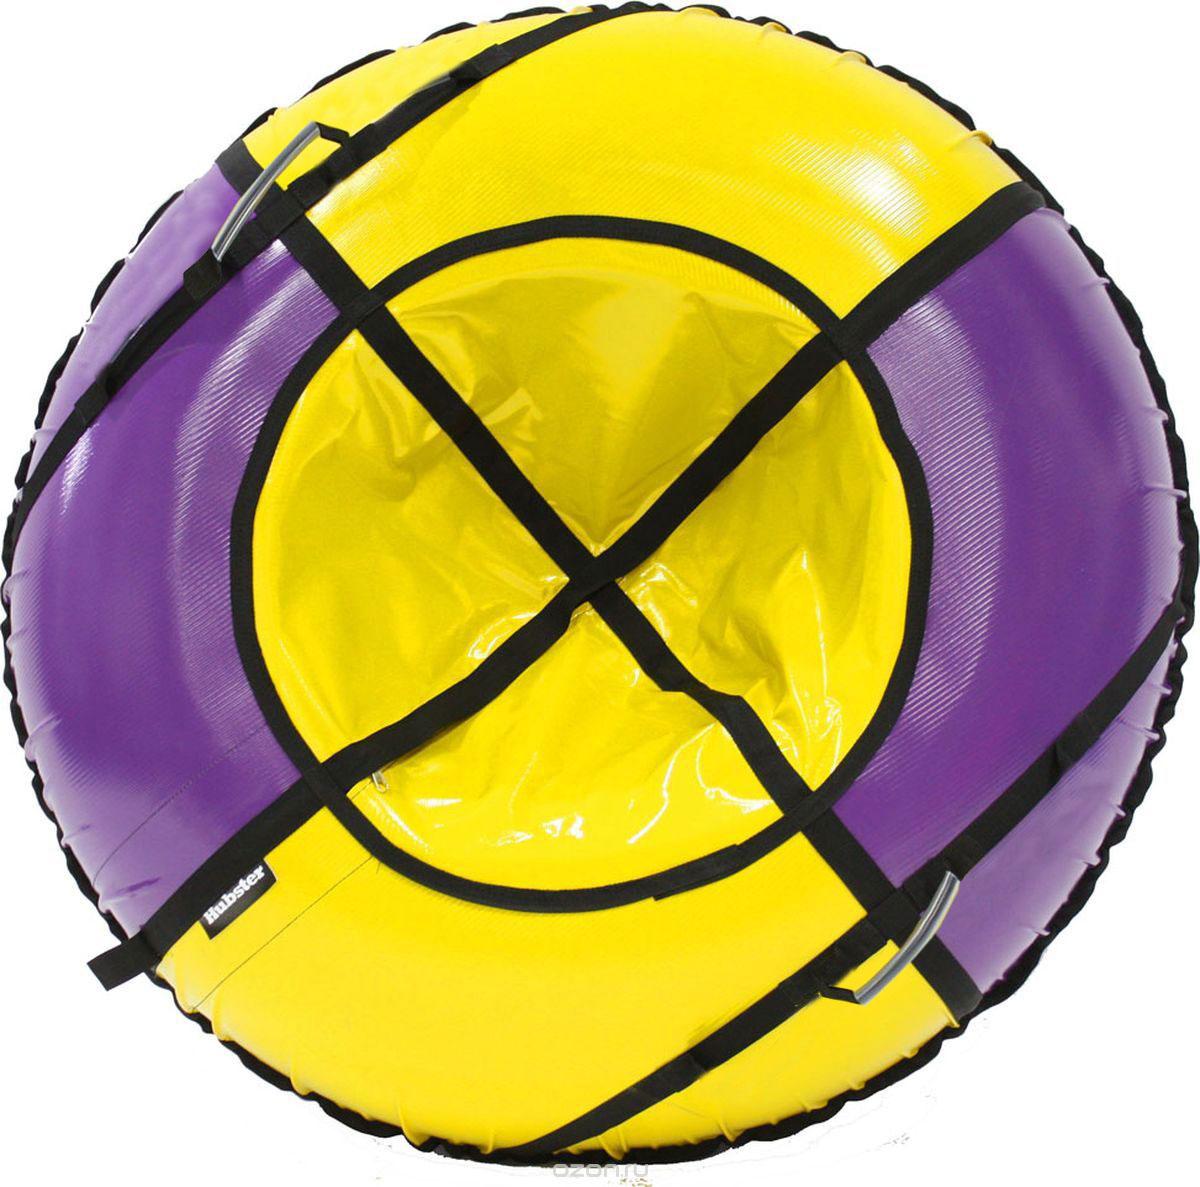 Тюбинг Hubster Sport Plus, цвет: фиолетовый, желтый, диаметр 90 смво4186-3Любимая детская зимняя забава - это кататься с горки. А катание на тюбинге надолго запомнится вам и вашим близким. Свежий воздух, веселая компания, веселые развлечения - эти моменты вы будете вспоминать еще долгое время.Материал верха - ПВХ армированный, плотность 650 г/м.Материал дна - ПВХ (усиленная скользкая ткань), плотность 650 г/м.Диаметр в сдутом виде - 90 см.Диаметр в надутом виде - 79 см.Ручки усиленные (нашиты на дополнительную стропу).Кол-во ручек - 90 см - 2 шт. Молния скрытая, на сиденье.Крепление троса - наружная петля.Длина троса - 1 метр.Нагрузка - 90 см - до 80 кг.Комплект поставки - ватрушка, трос, камера.Тюбинг не предназначен для буксировки механическими или транспортными средствами (подъемники, канатные дороги, лебедки, автомобиль, снегоход, квадроцикл и т.д.)Зимние игры на свежем воздухе. Статья OZON ГидЗимние игры на свежем воздухе. Статья OZON Гид